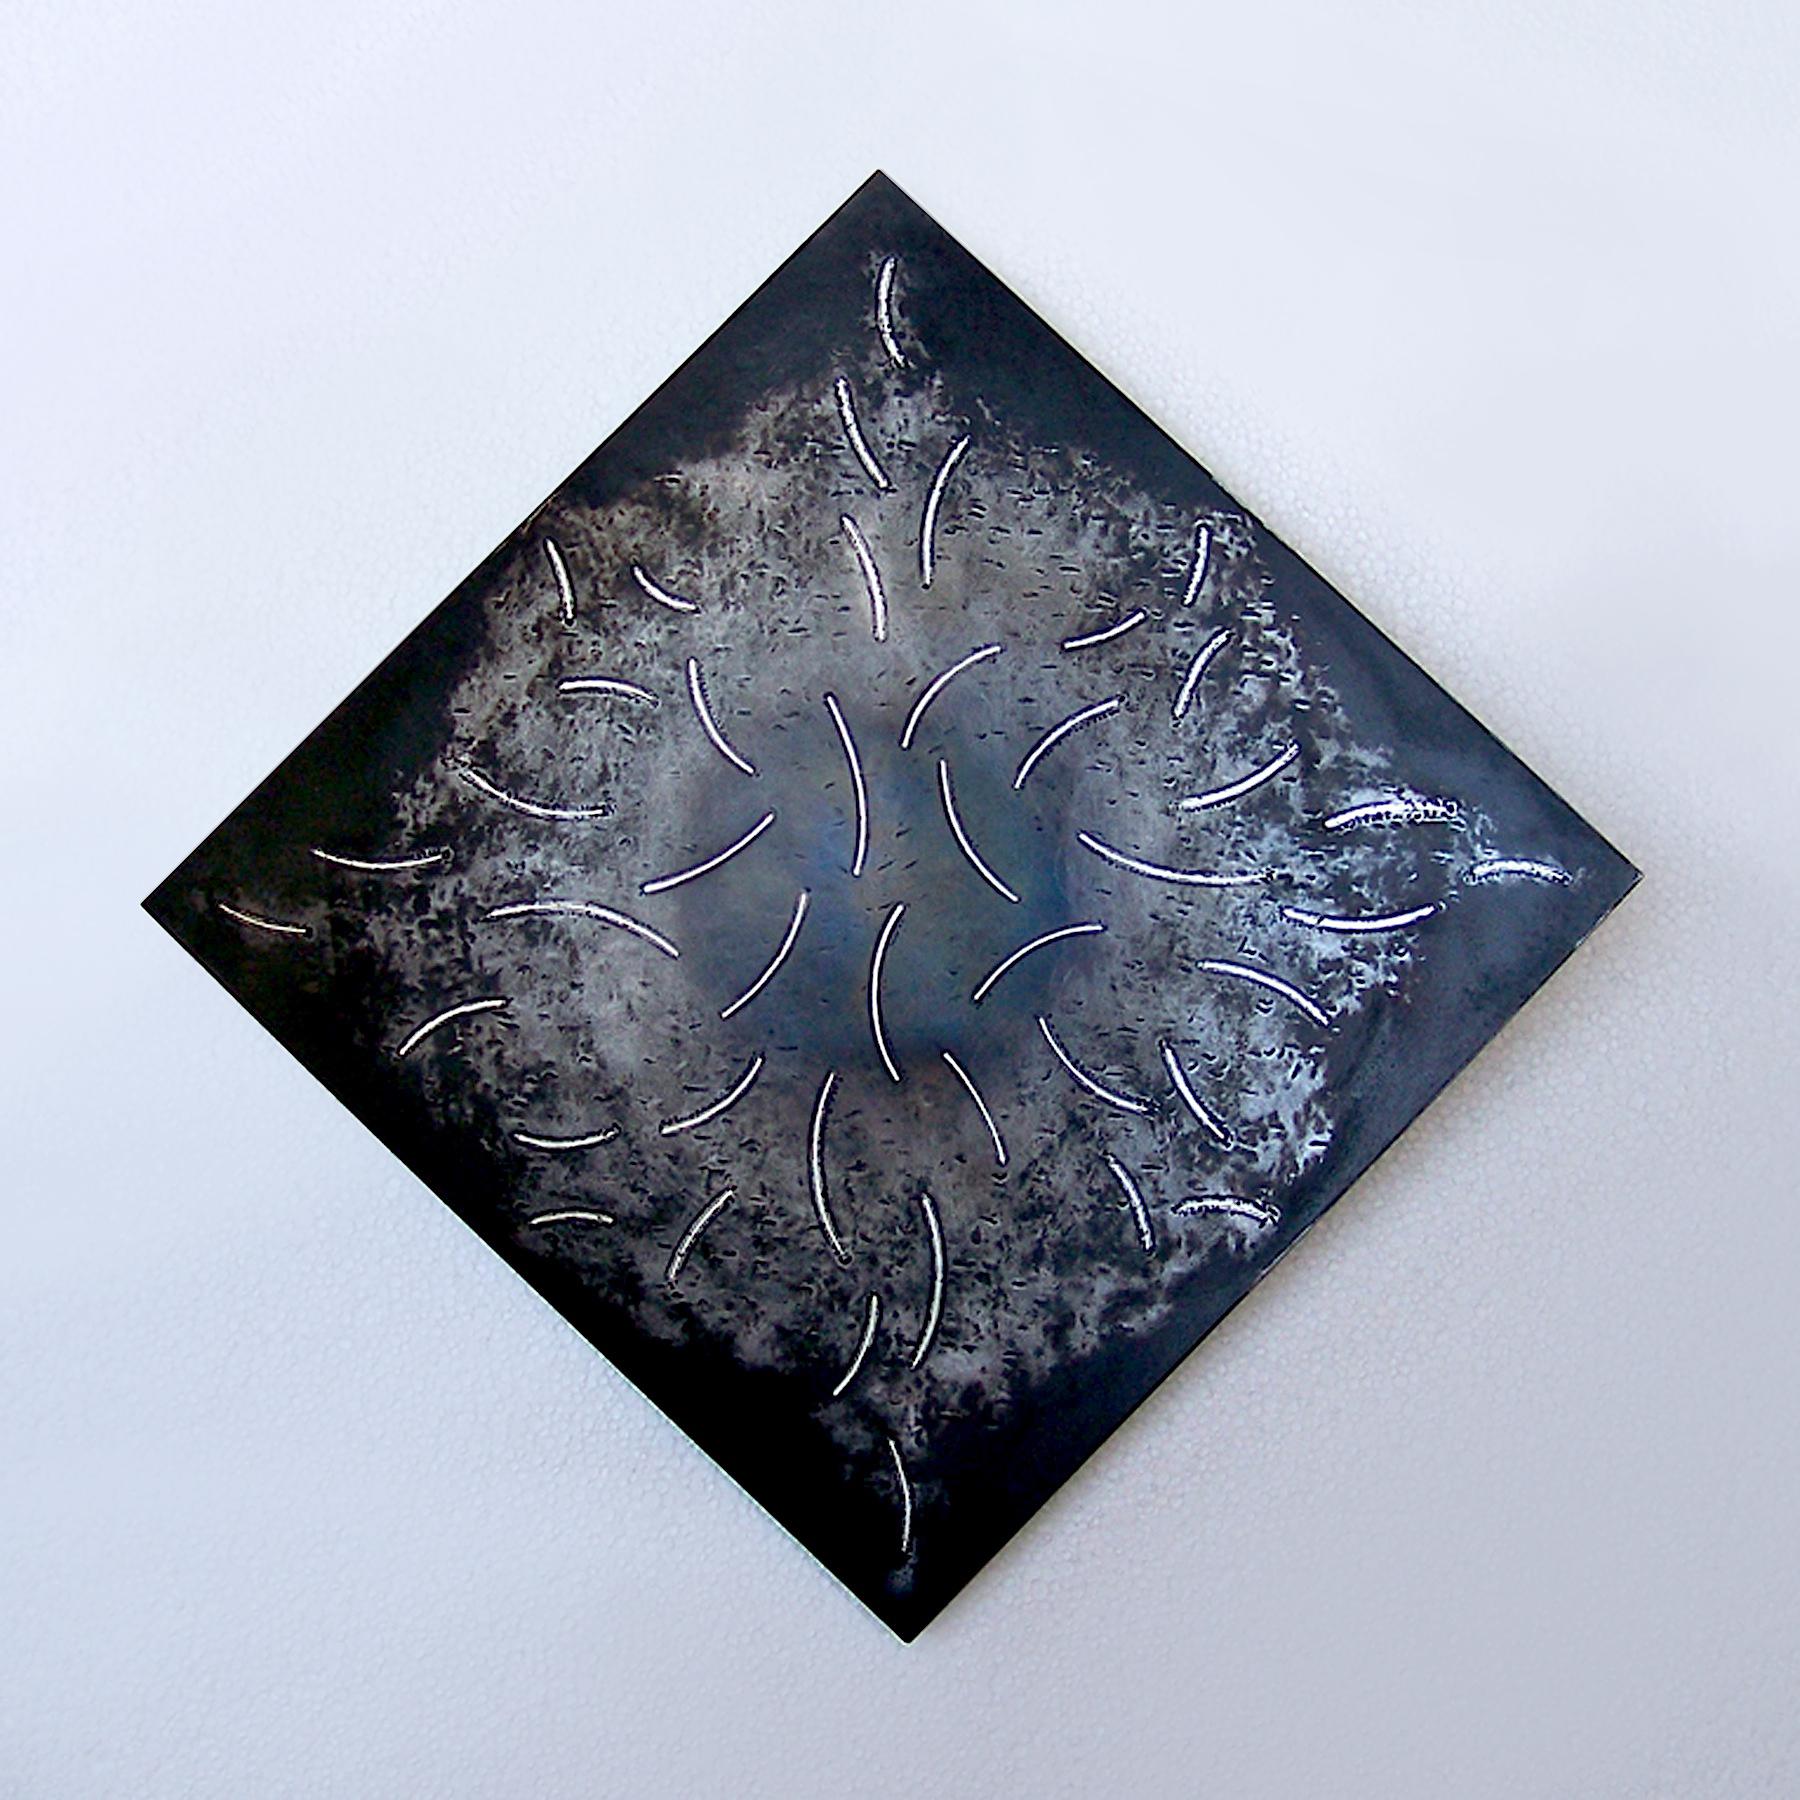 3.Firkanta form 1, 2010, 30 x 30 x 2 cm, oljebrent og anløpt stål med innlagt sølvtråd